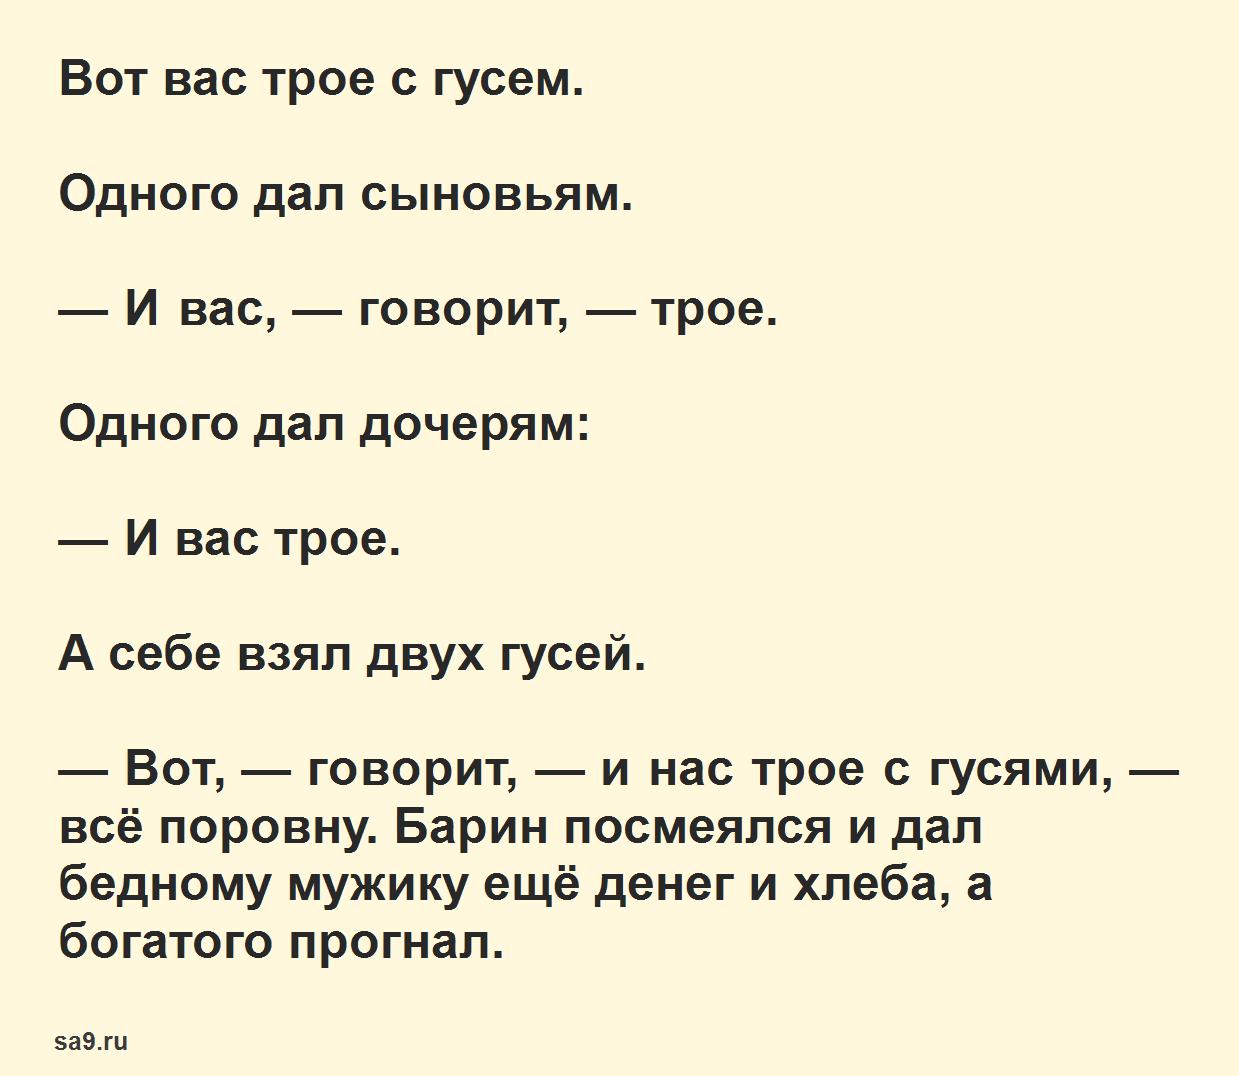 Как мужик гусей делил - русская народная сказка, читать полностью